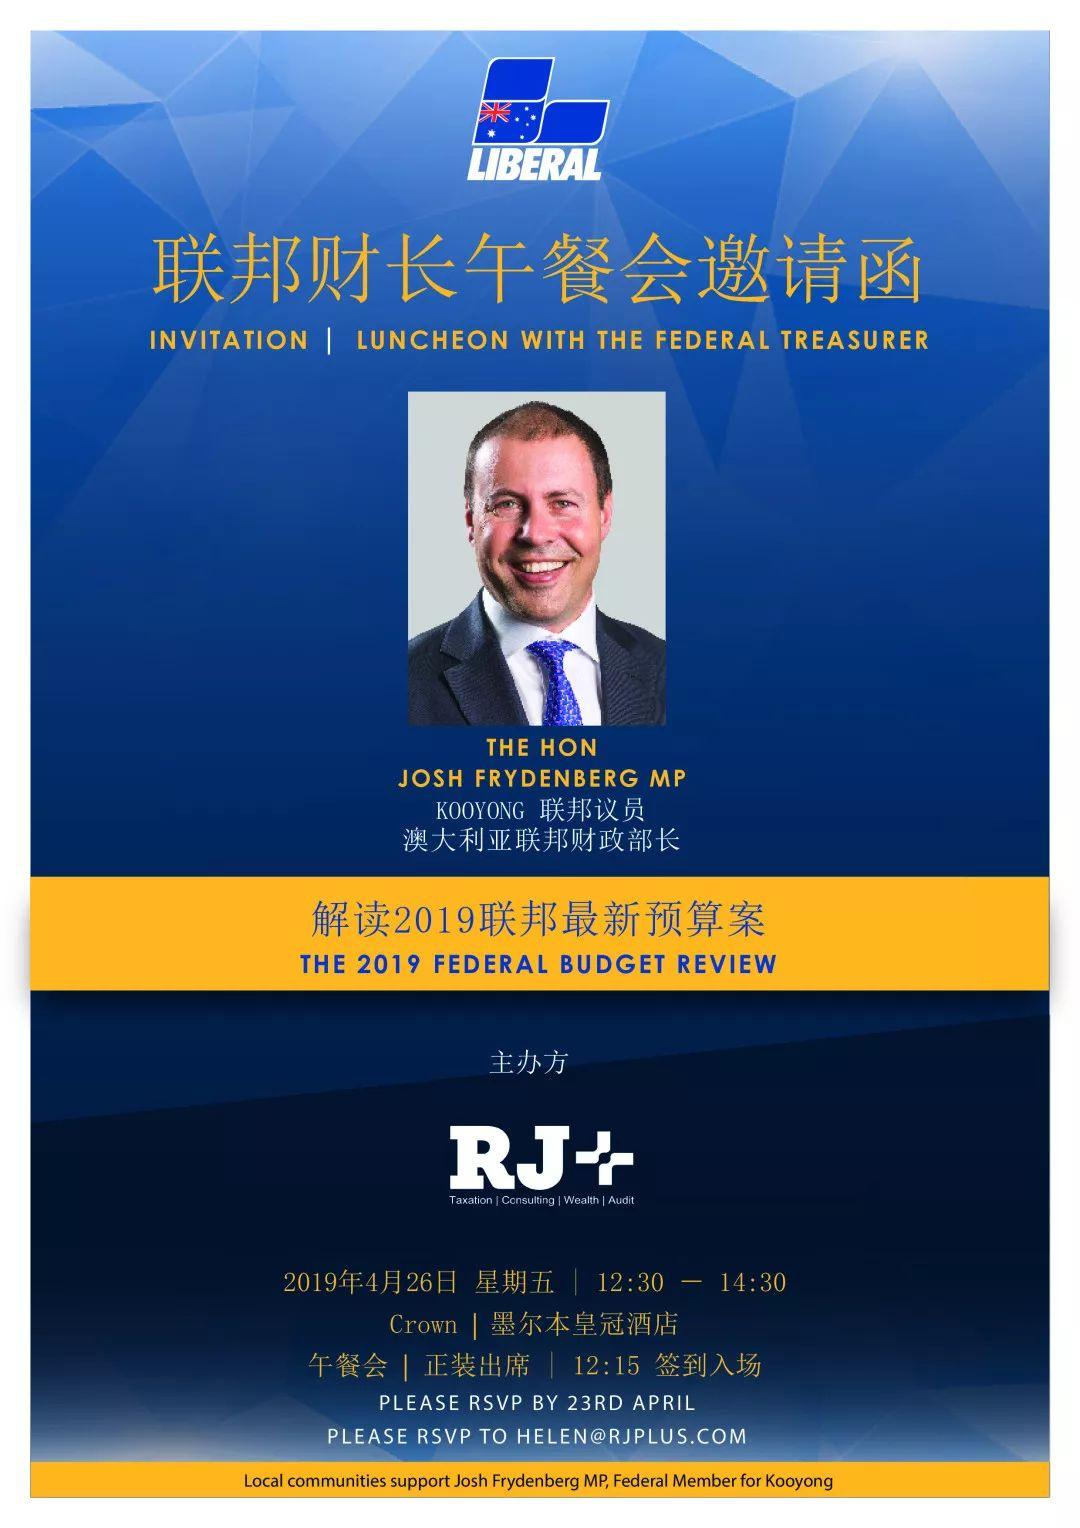 朋友圈炸了!墨尔本200+杰出华人企业家因他聚首!这可能是澳洲史上前所未有的…